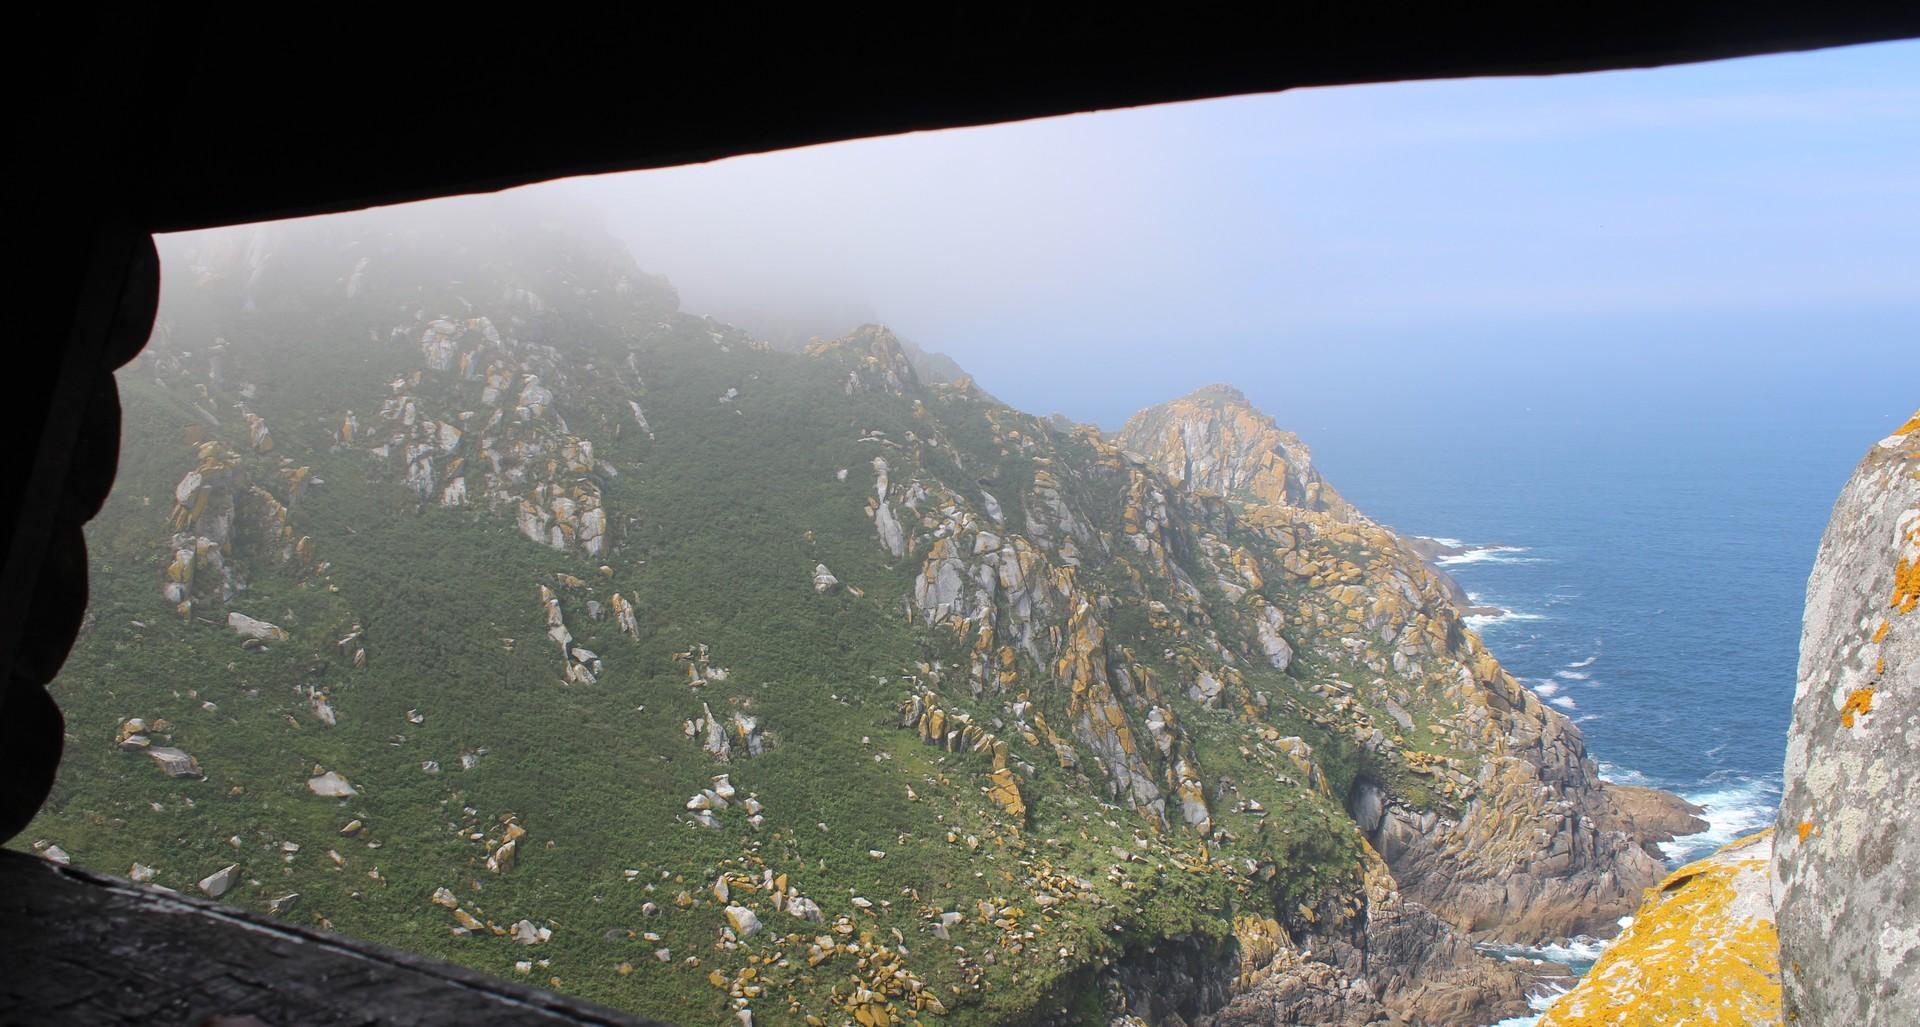 islas-ci-ruta-monte-faro-818559405abcc86